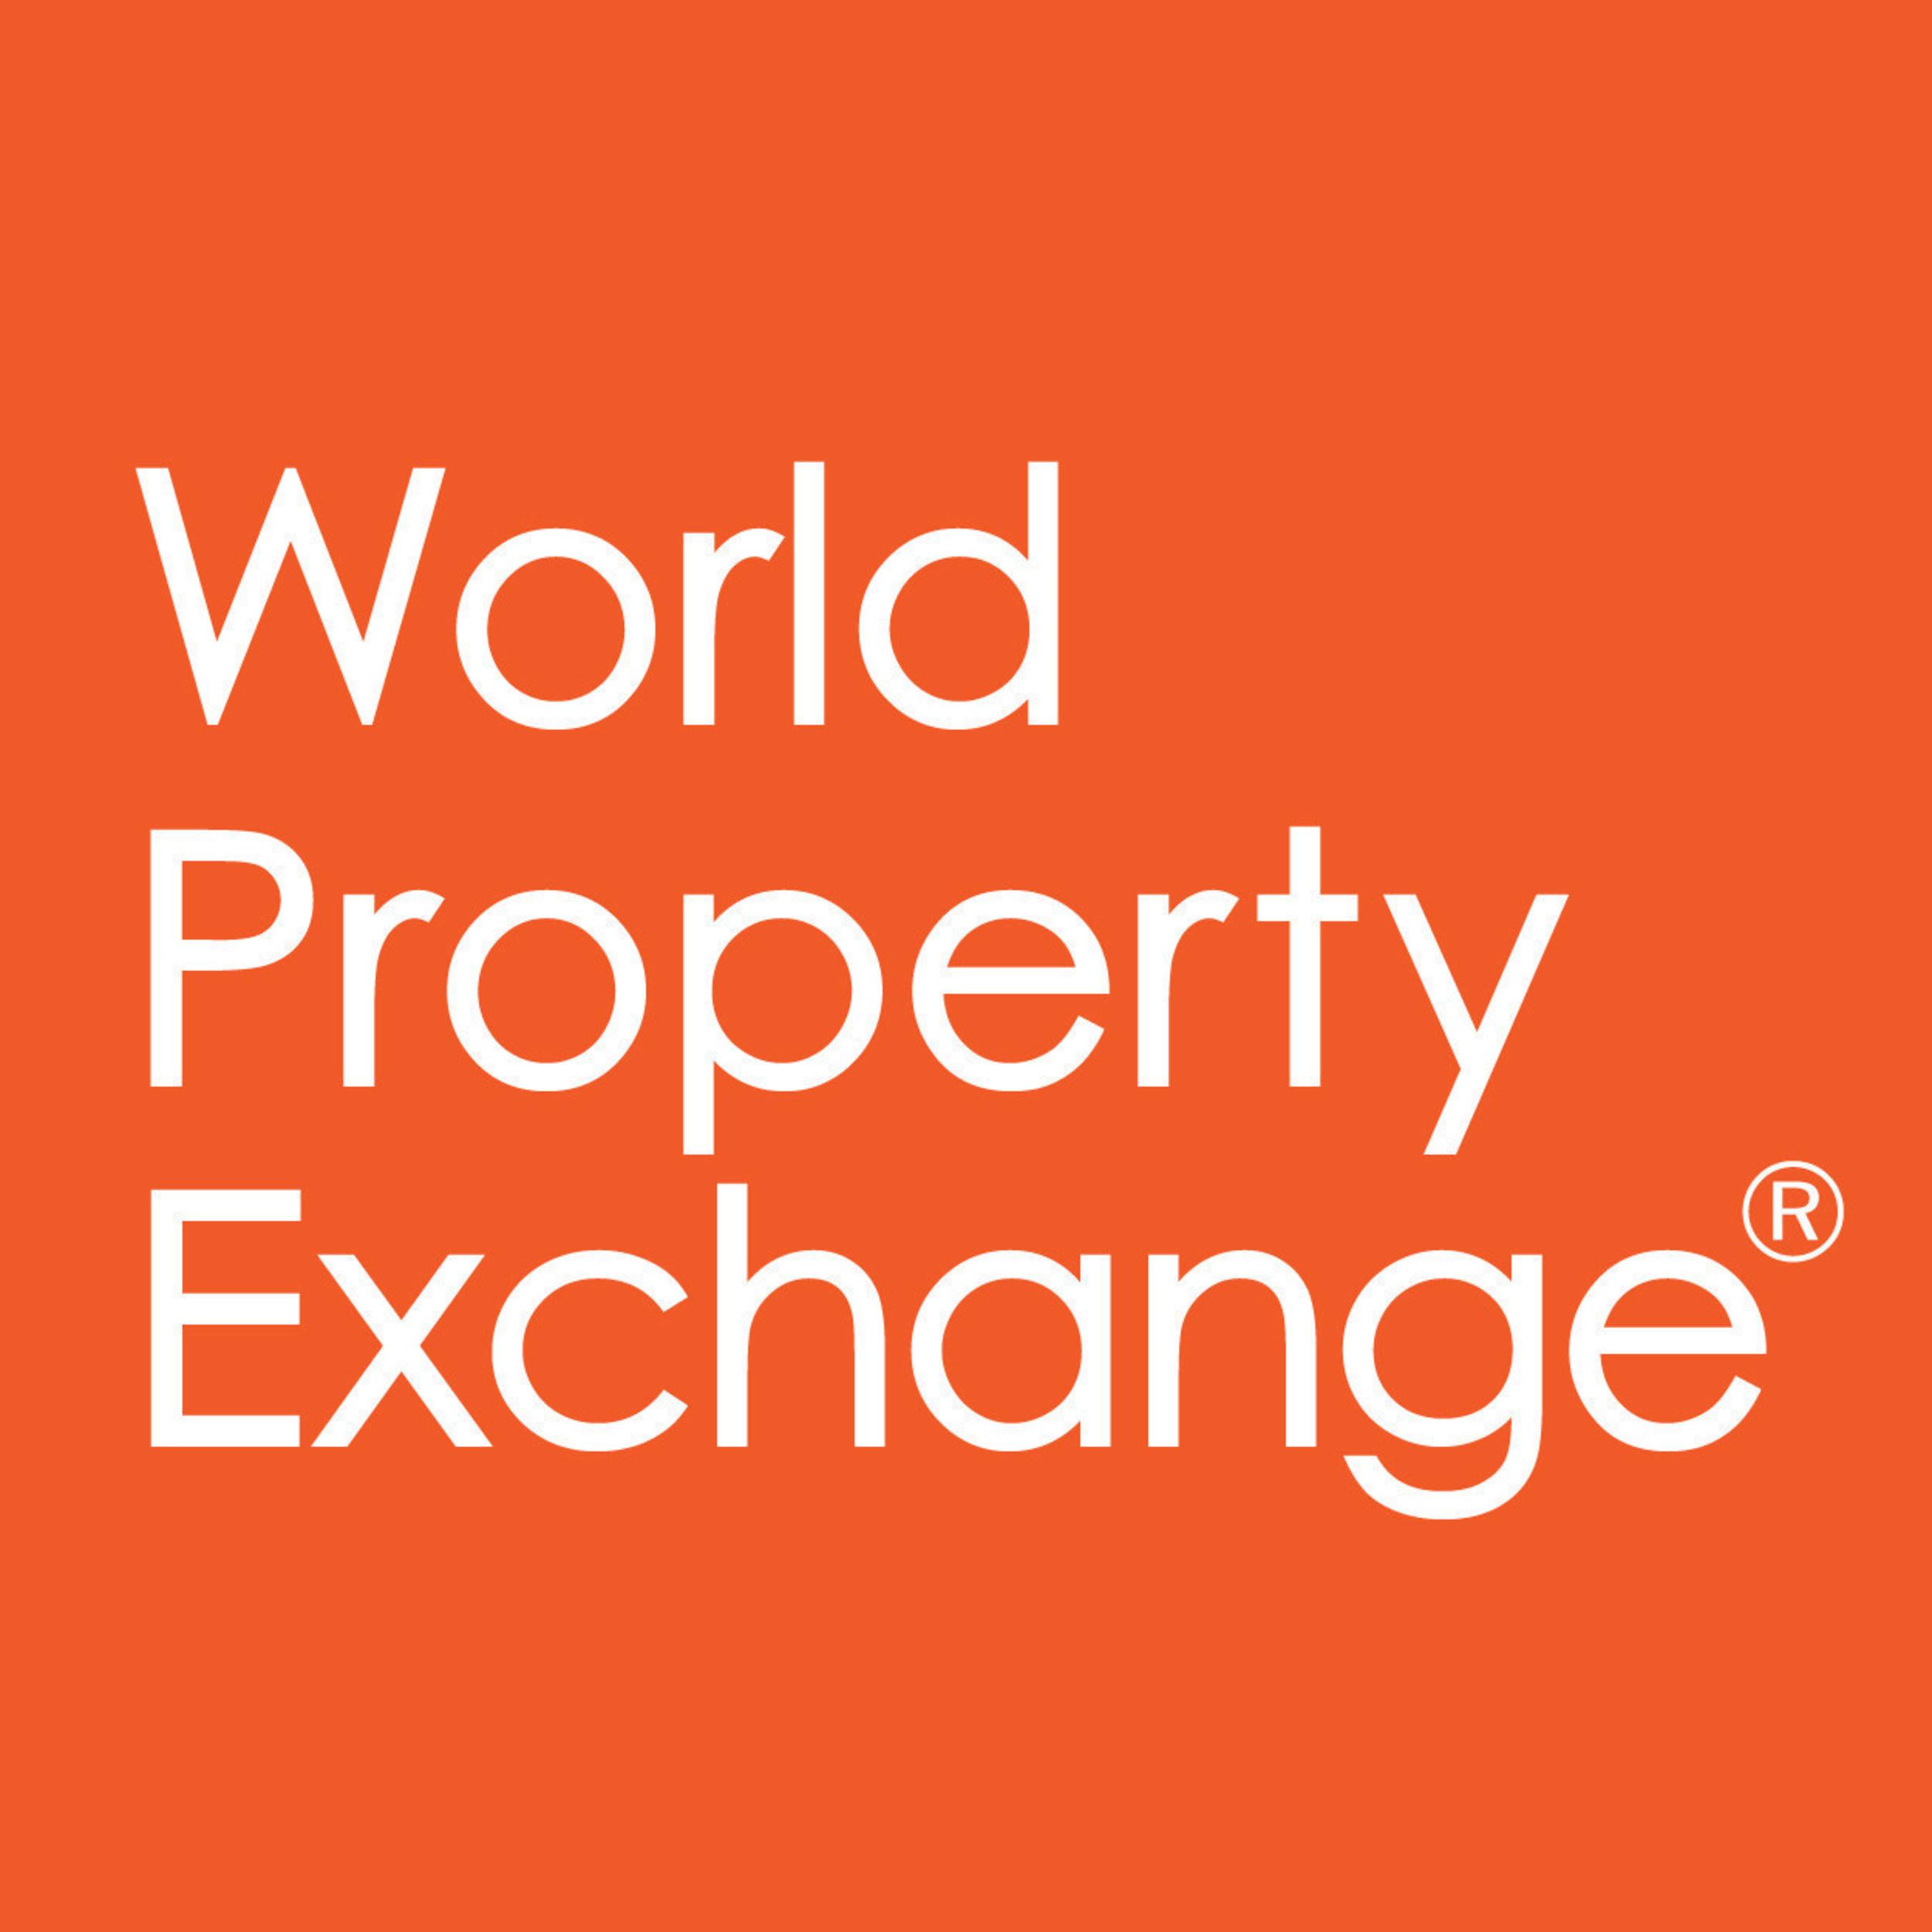 World Property Exchange